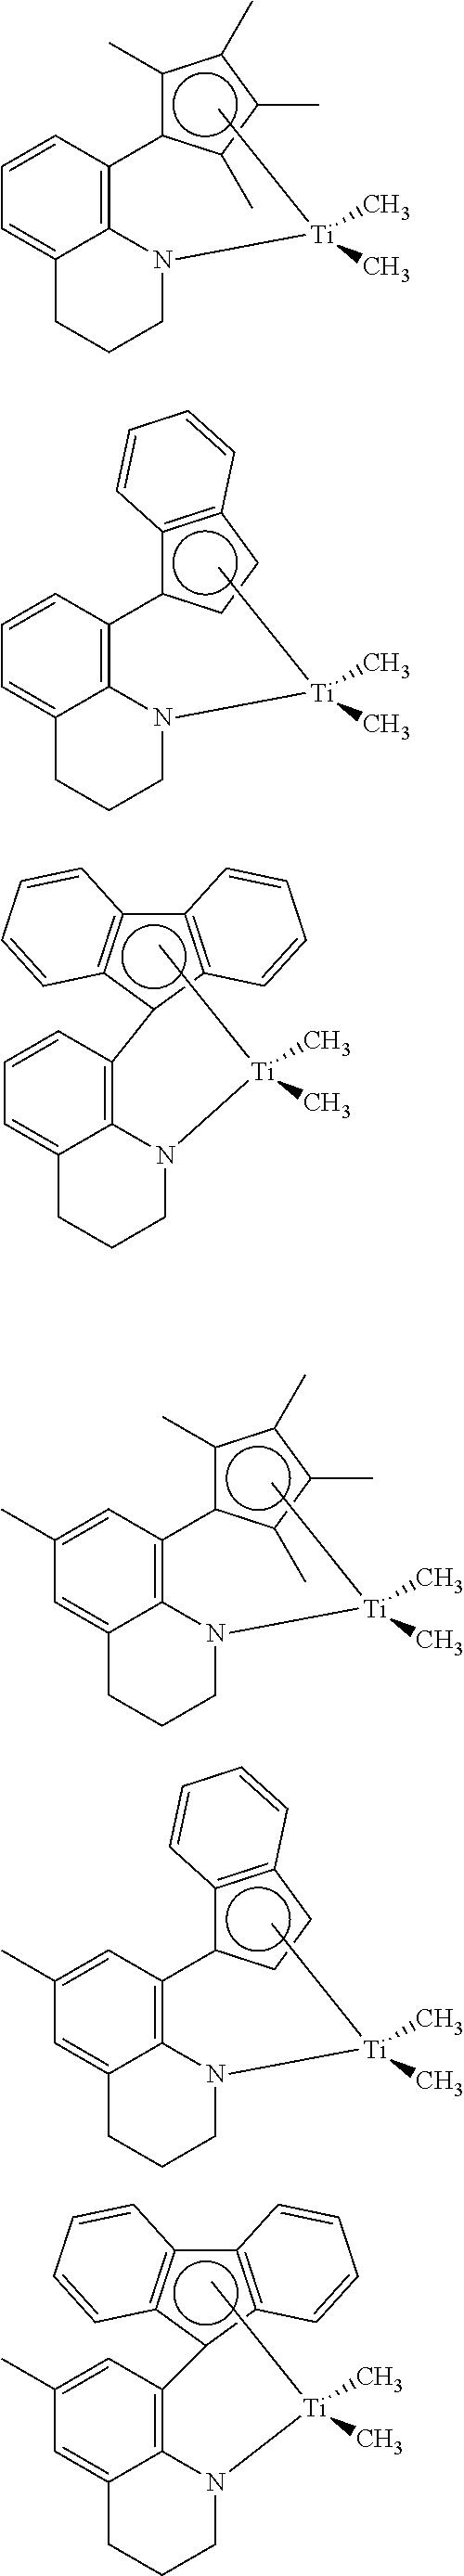 Figure US09120836-20150901-C00023